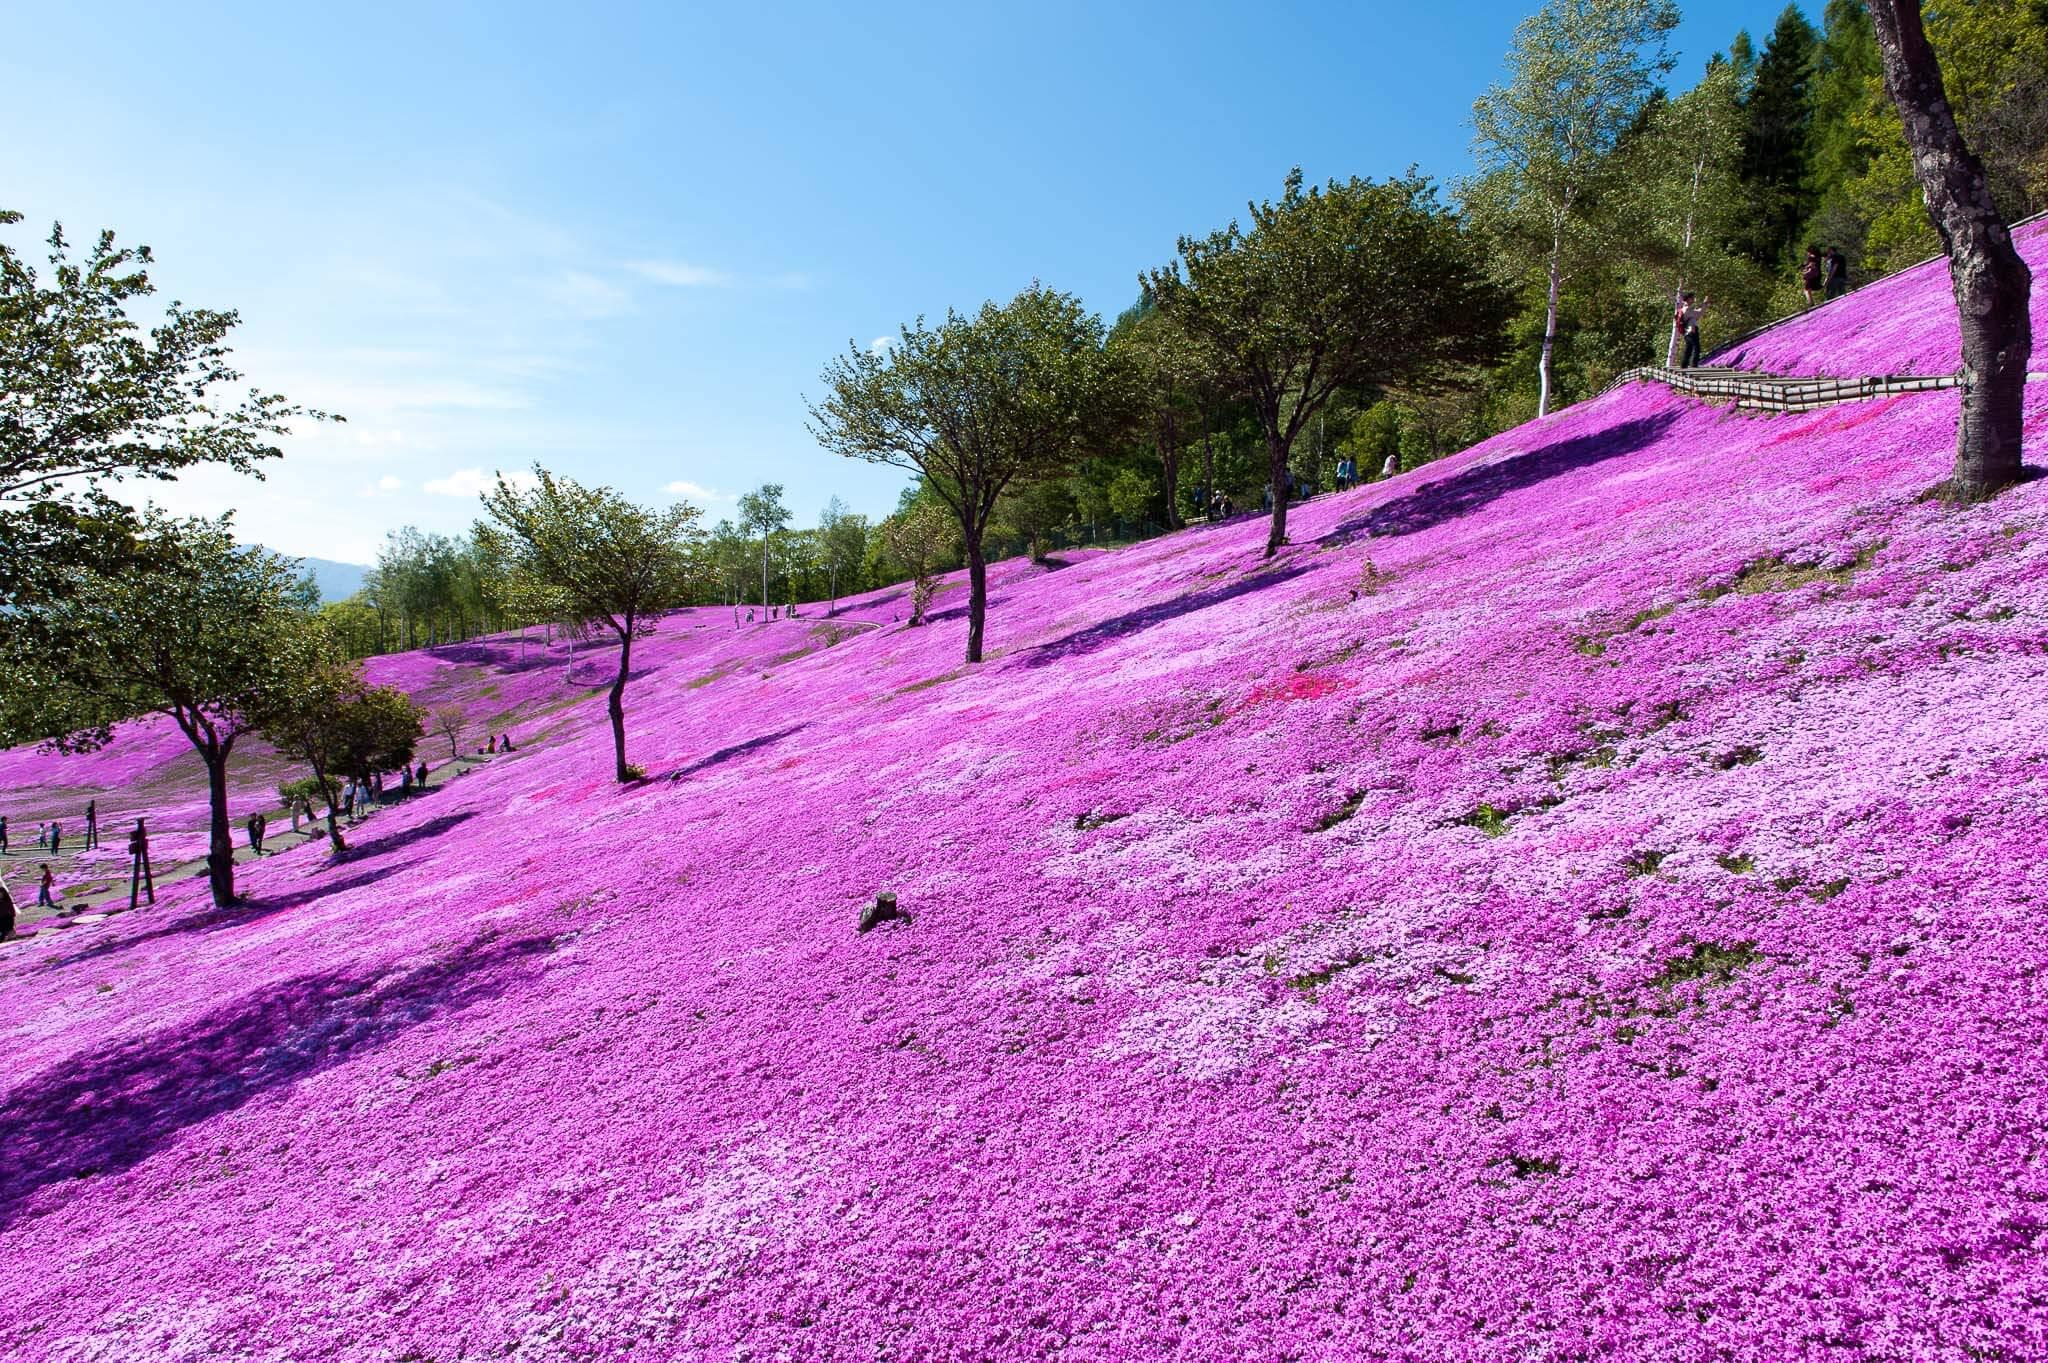 夢幻的粉紅山丘「芝櫻瀧上公園」